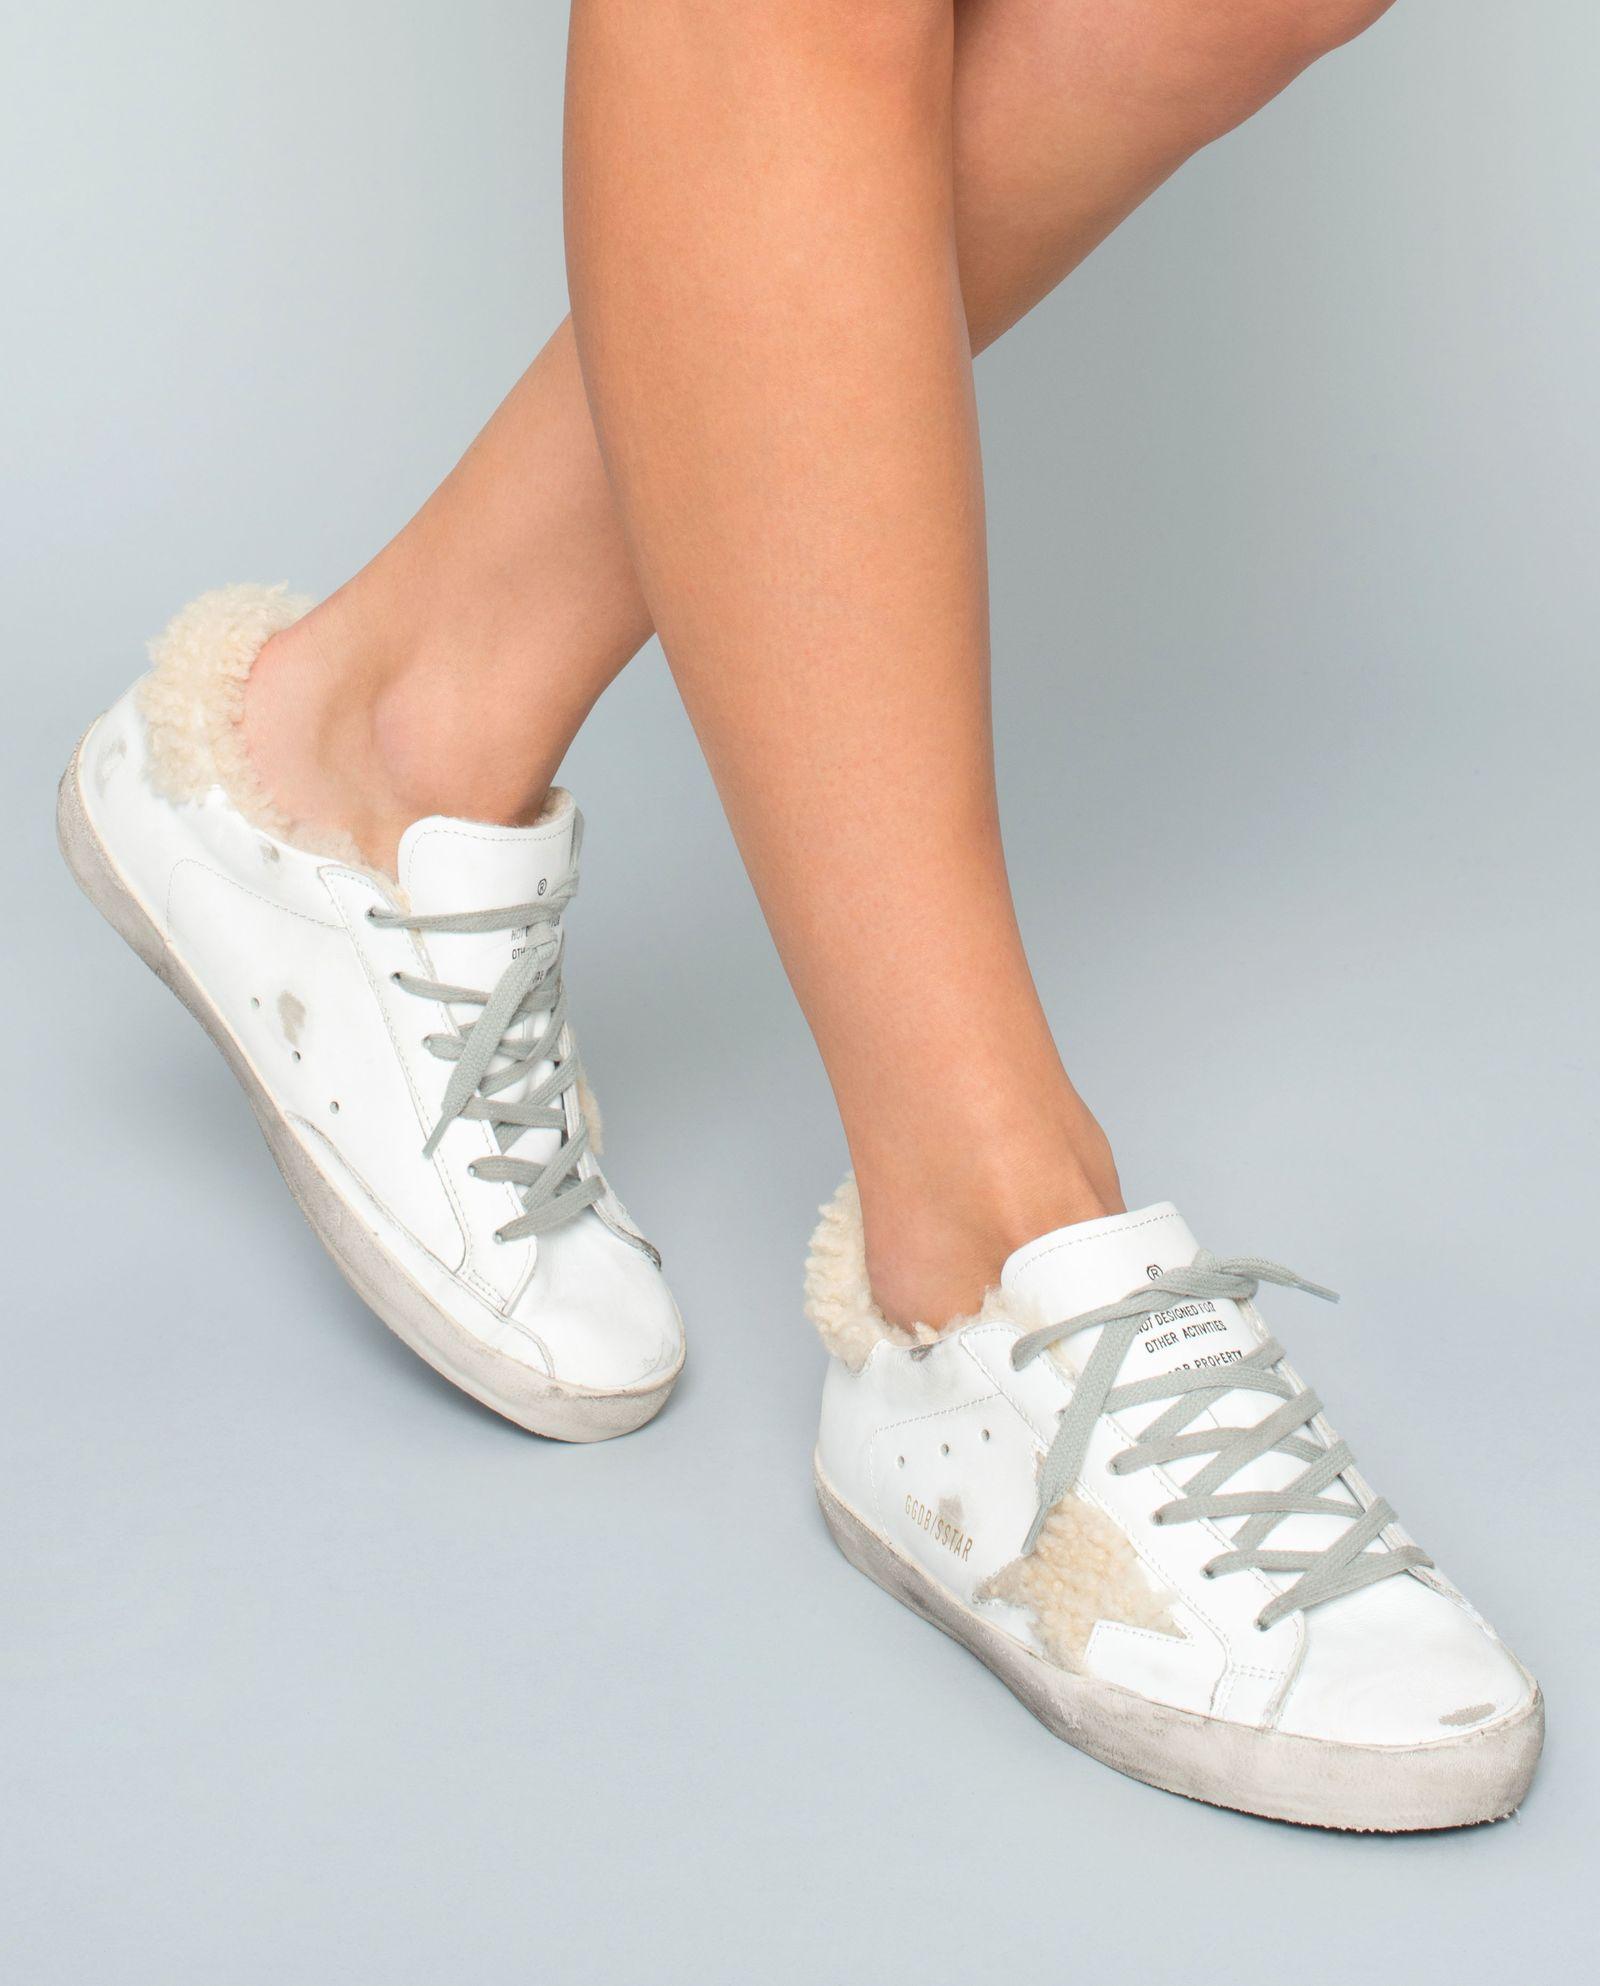 Kožené zateplené sneakersy GOLDEN GOOSE – Kup teď! Nejlepší ceny a recenze!  Obchod Moliera2.cz. 1e11671845